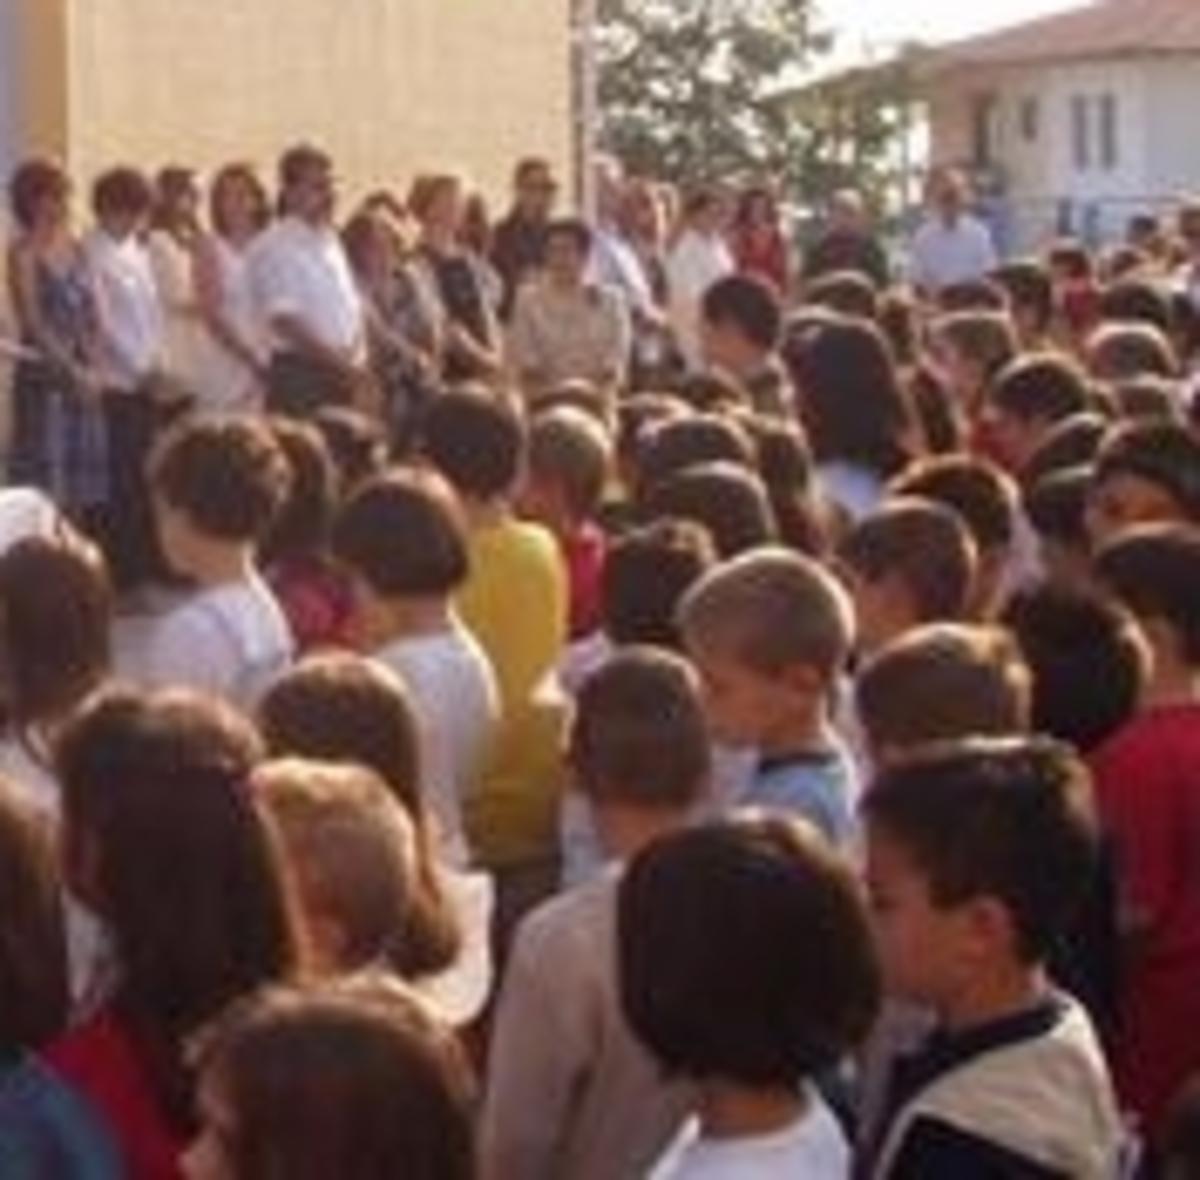 Τρελάθηκε ο διευθυντης,έκλεισε στην αποθήκη ολόκληρη τάξη δημοτικού σχολείου | Newsit.gr